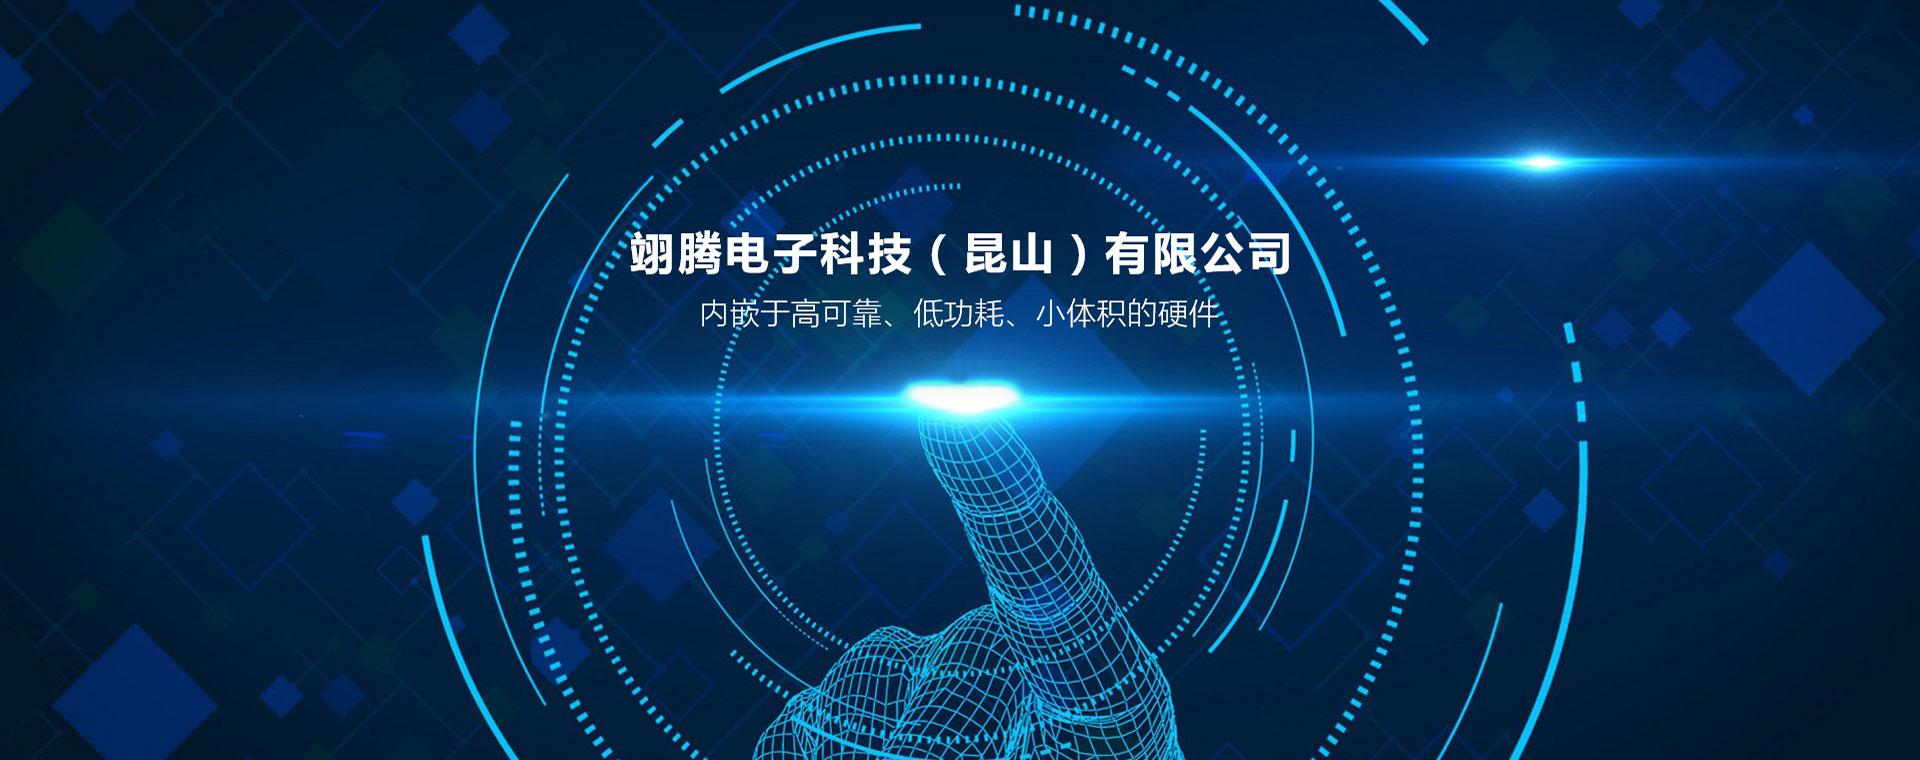 翊腾电子科技(昆山)有限公司